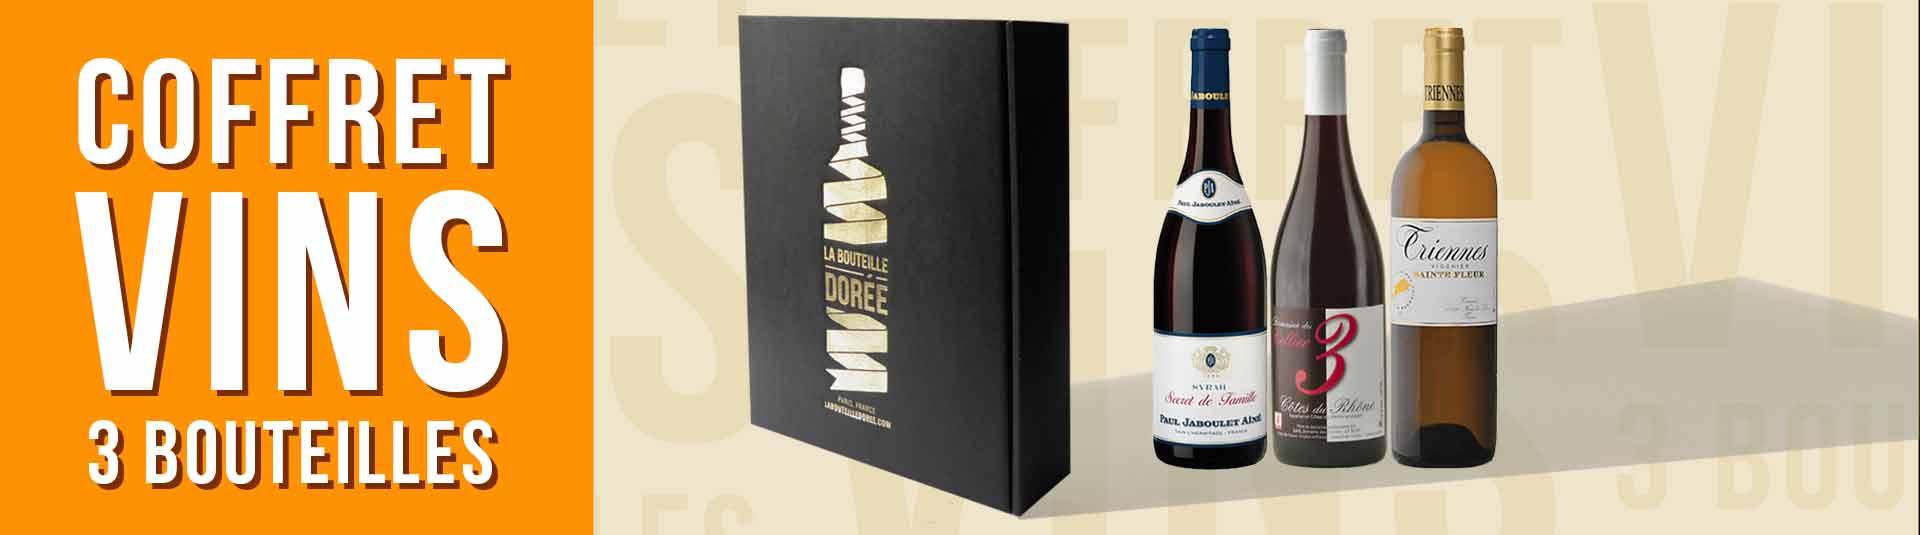 coffret vin Rhône 3 bouteilles cépages Viognier, Syrah et Grenache